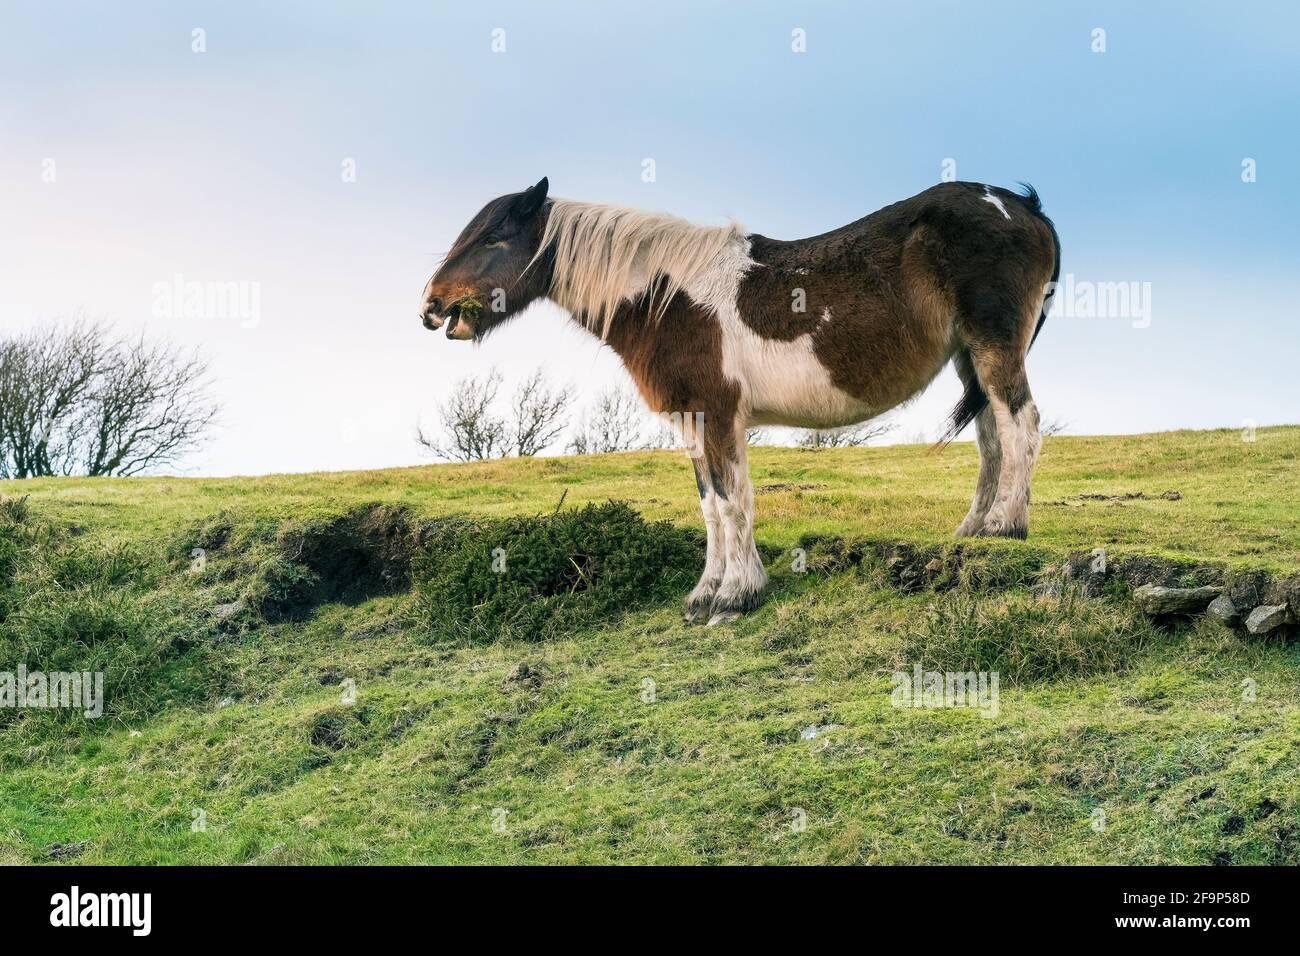 Un poney bodmin sauvage emblématique qui boit sur le bodmin Moor dans les Cornouailles. Banque D'Images